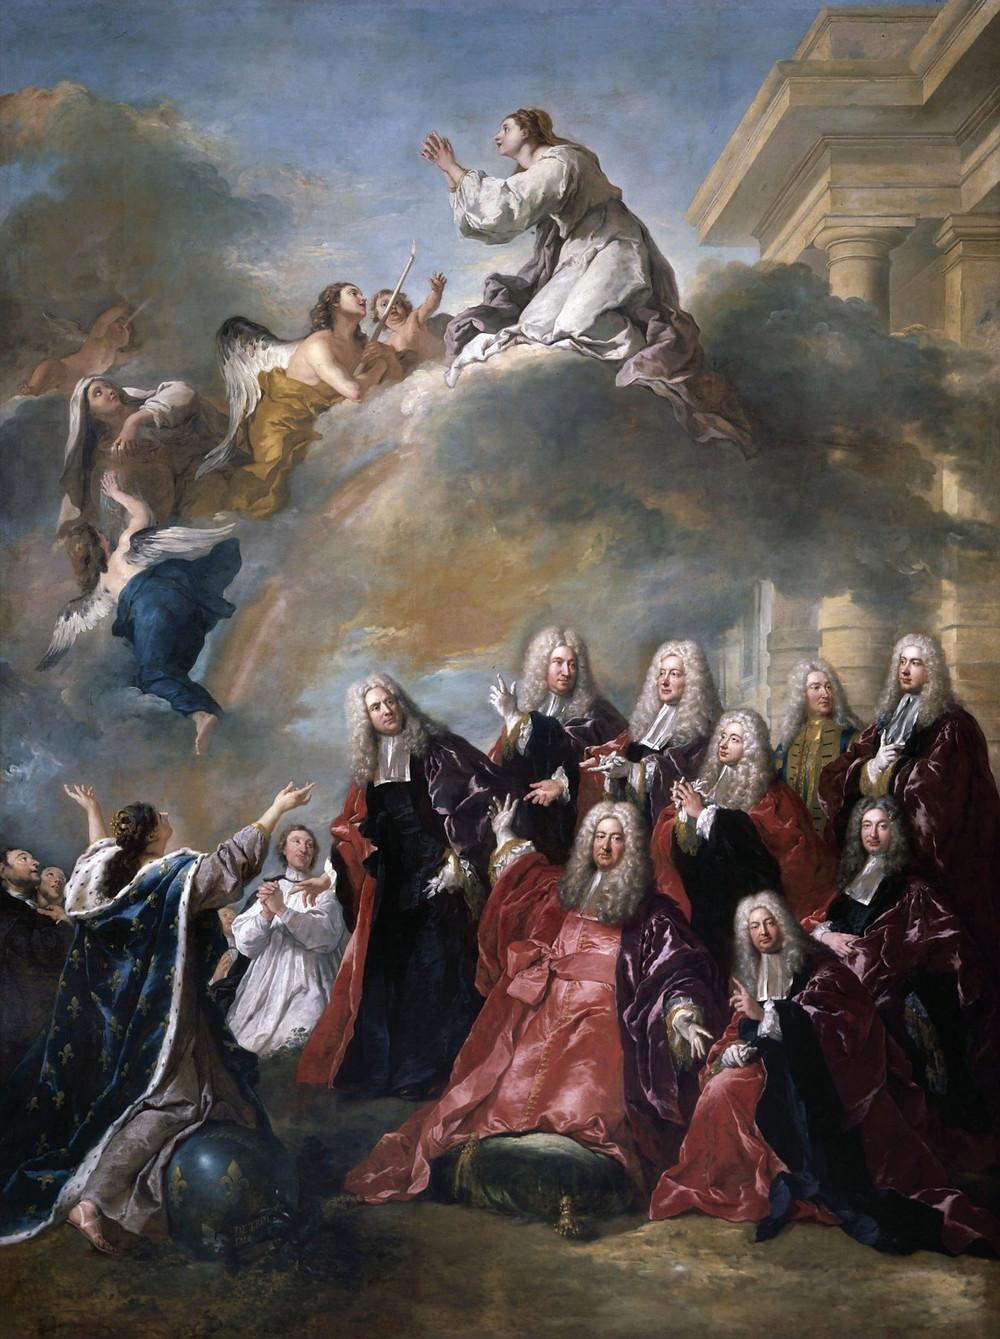 La France implore la protection de sainte Geneviève Jean-François de Troy (1726), église Saint-Étienne-du-Mont (Paris)